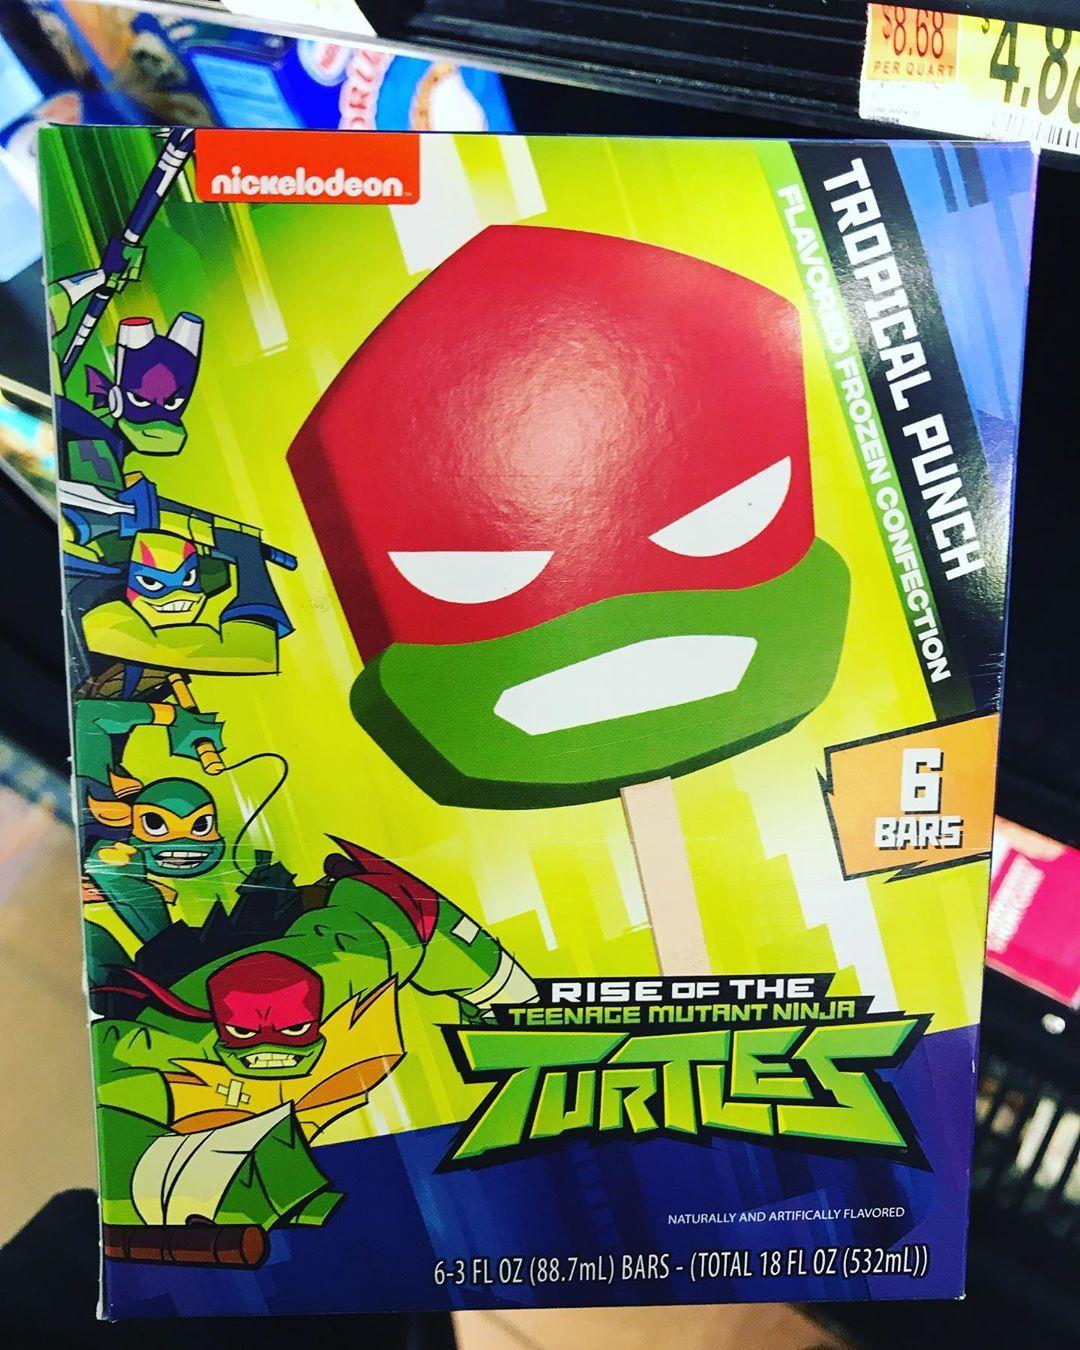 Rise Of The Teenage Mutant Ninja Turtles Ice Cream : teenage, mutant, ninja, turtles, cream, Tiara, Foooooood, Teenage, Mutant, Ninja, Turtles,, Tropical, Punch,